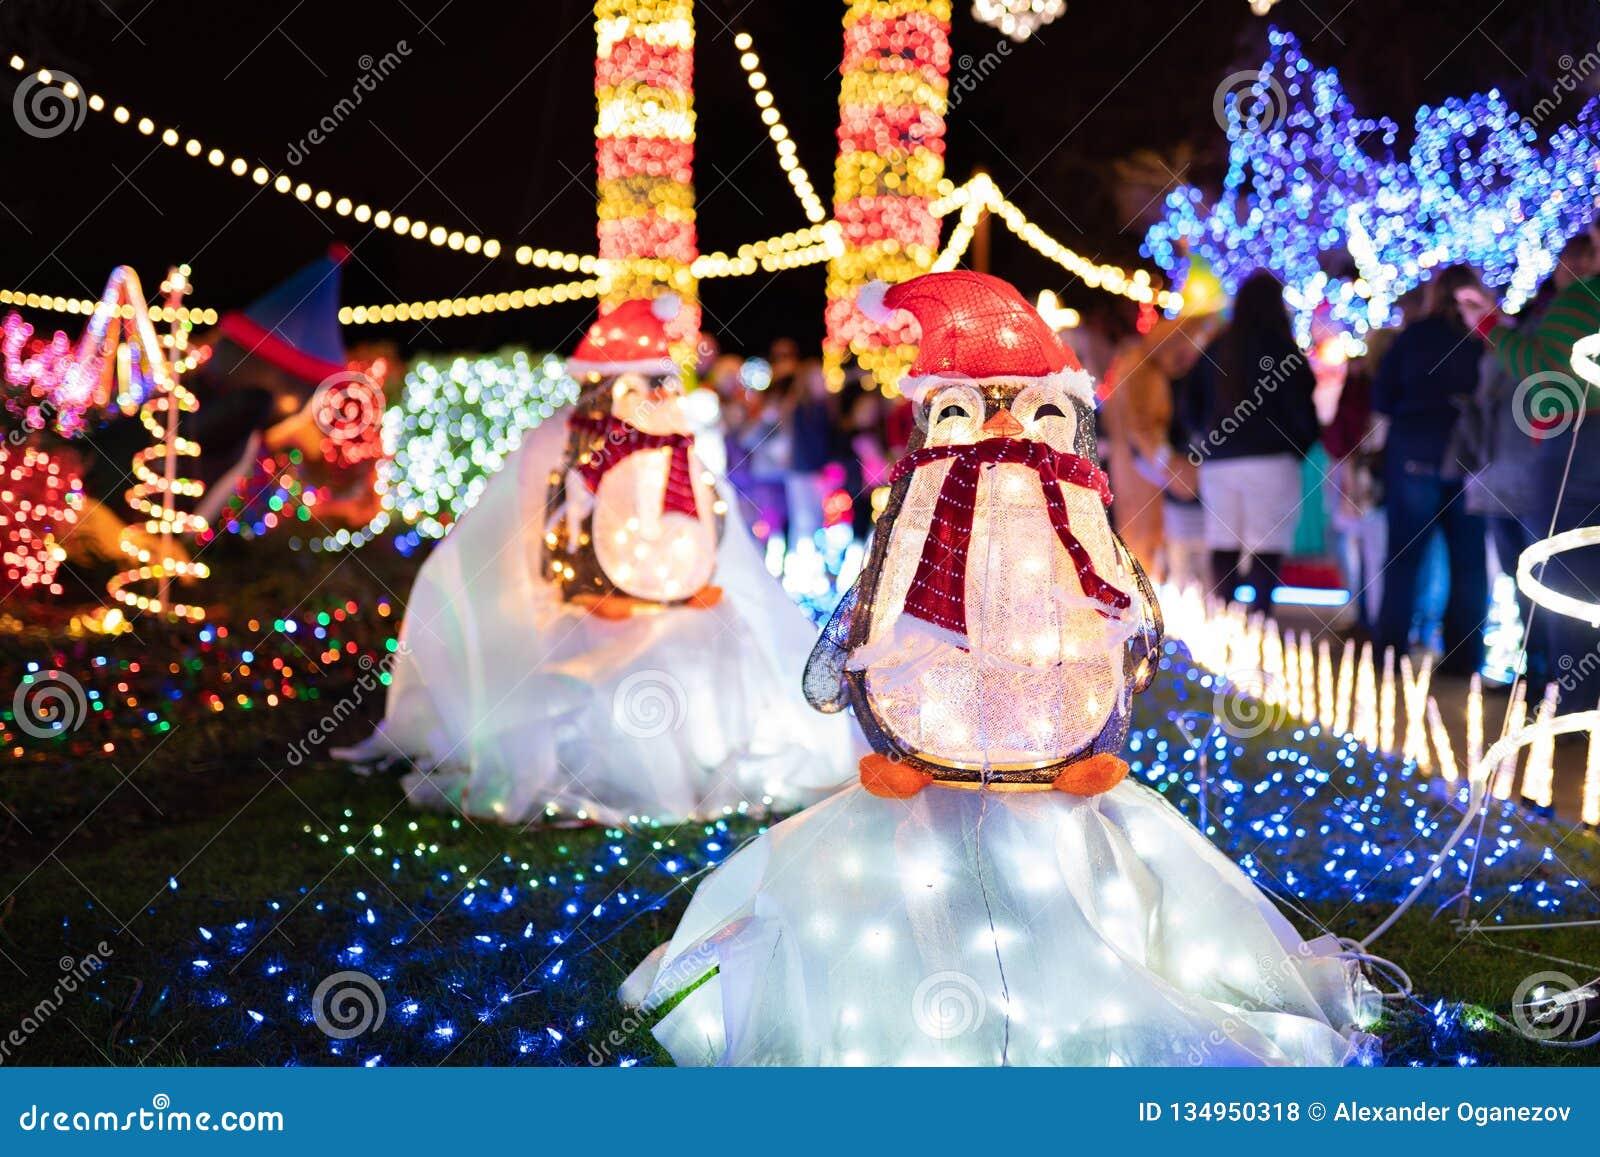 Objet exposé extérieur de lumières de Noël sous la forme de pingouins